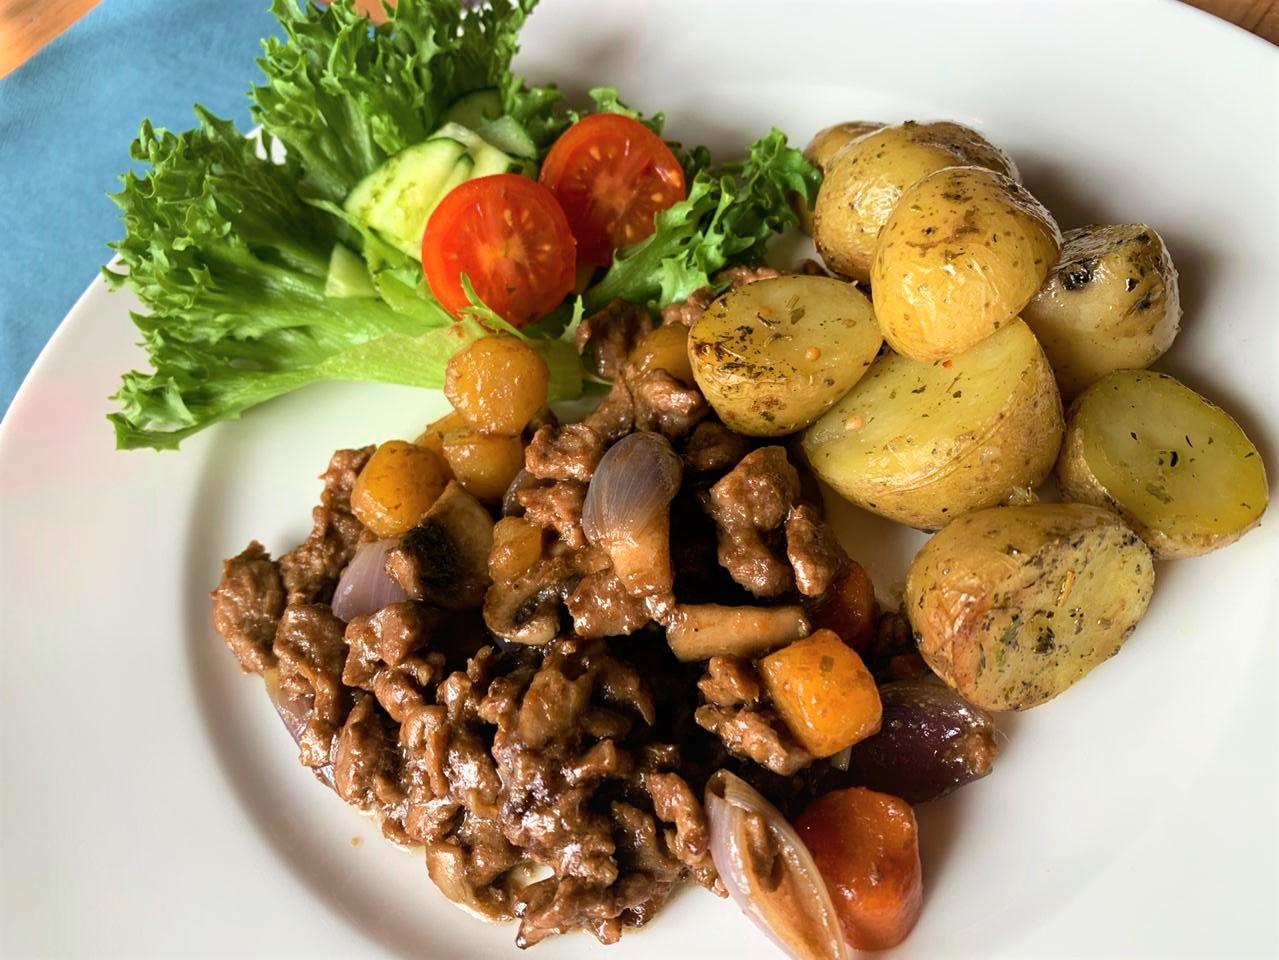 ресторанная еда в Норвегии, тур от Uniktur